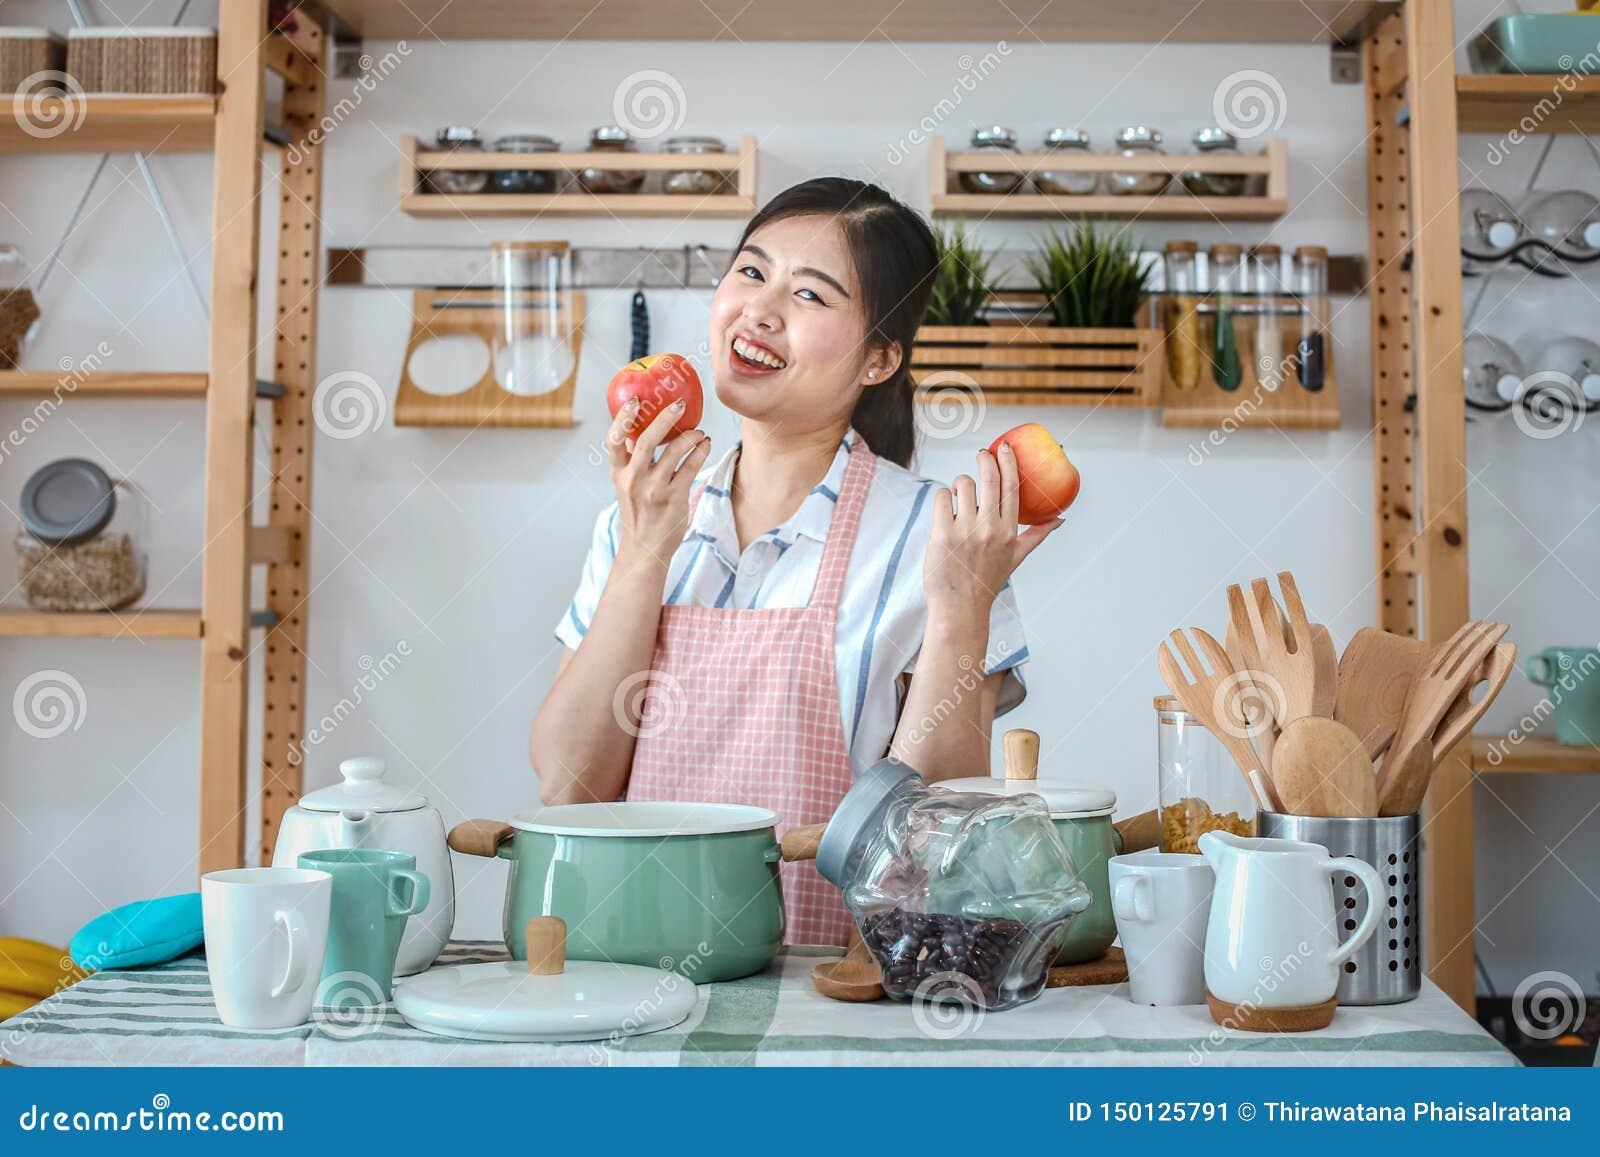 Wijfje die een appel in de keuken houden Portret van een mooi de appel gezond voedsel van de vrouwenholding in de keuken Gelukkig